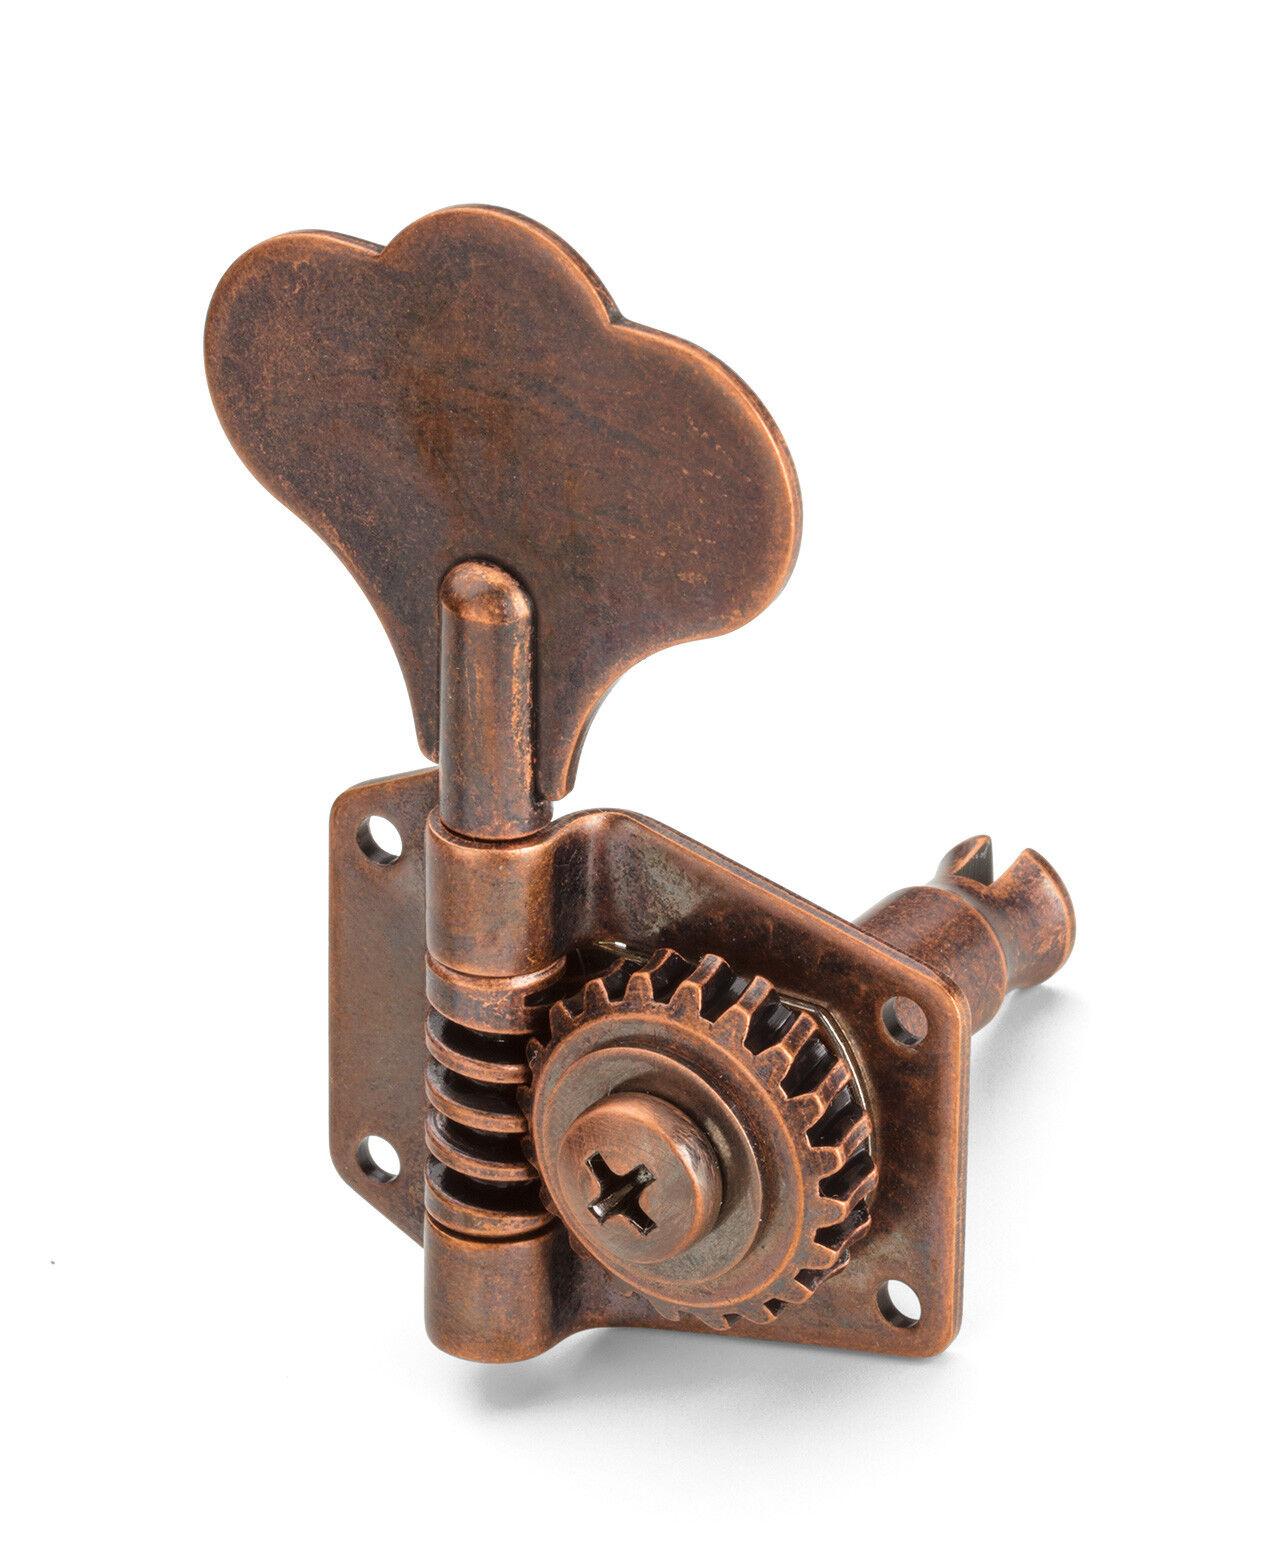 Meca Schaller Basse BM Reversibles P-J Bass MusicMan Tuners 2L 2R Vintage Copper